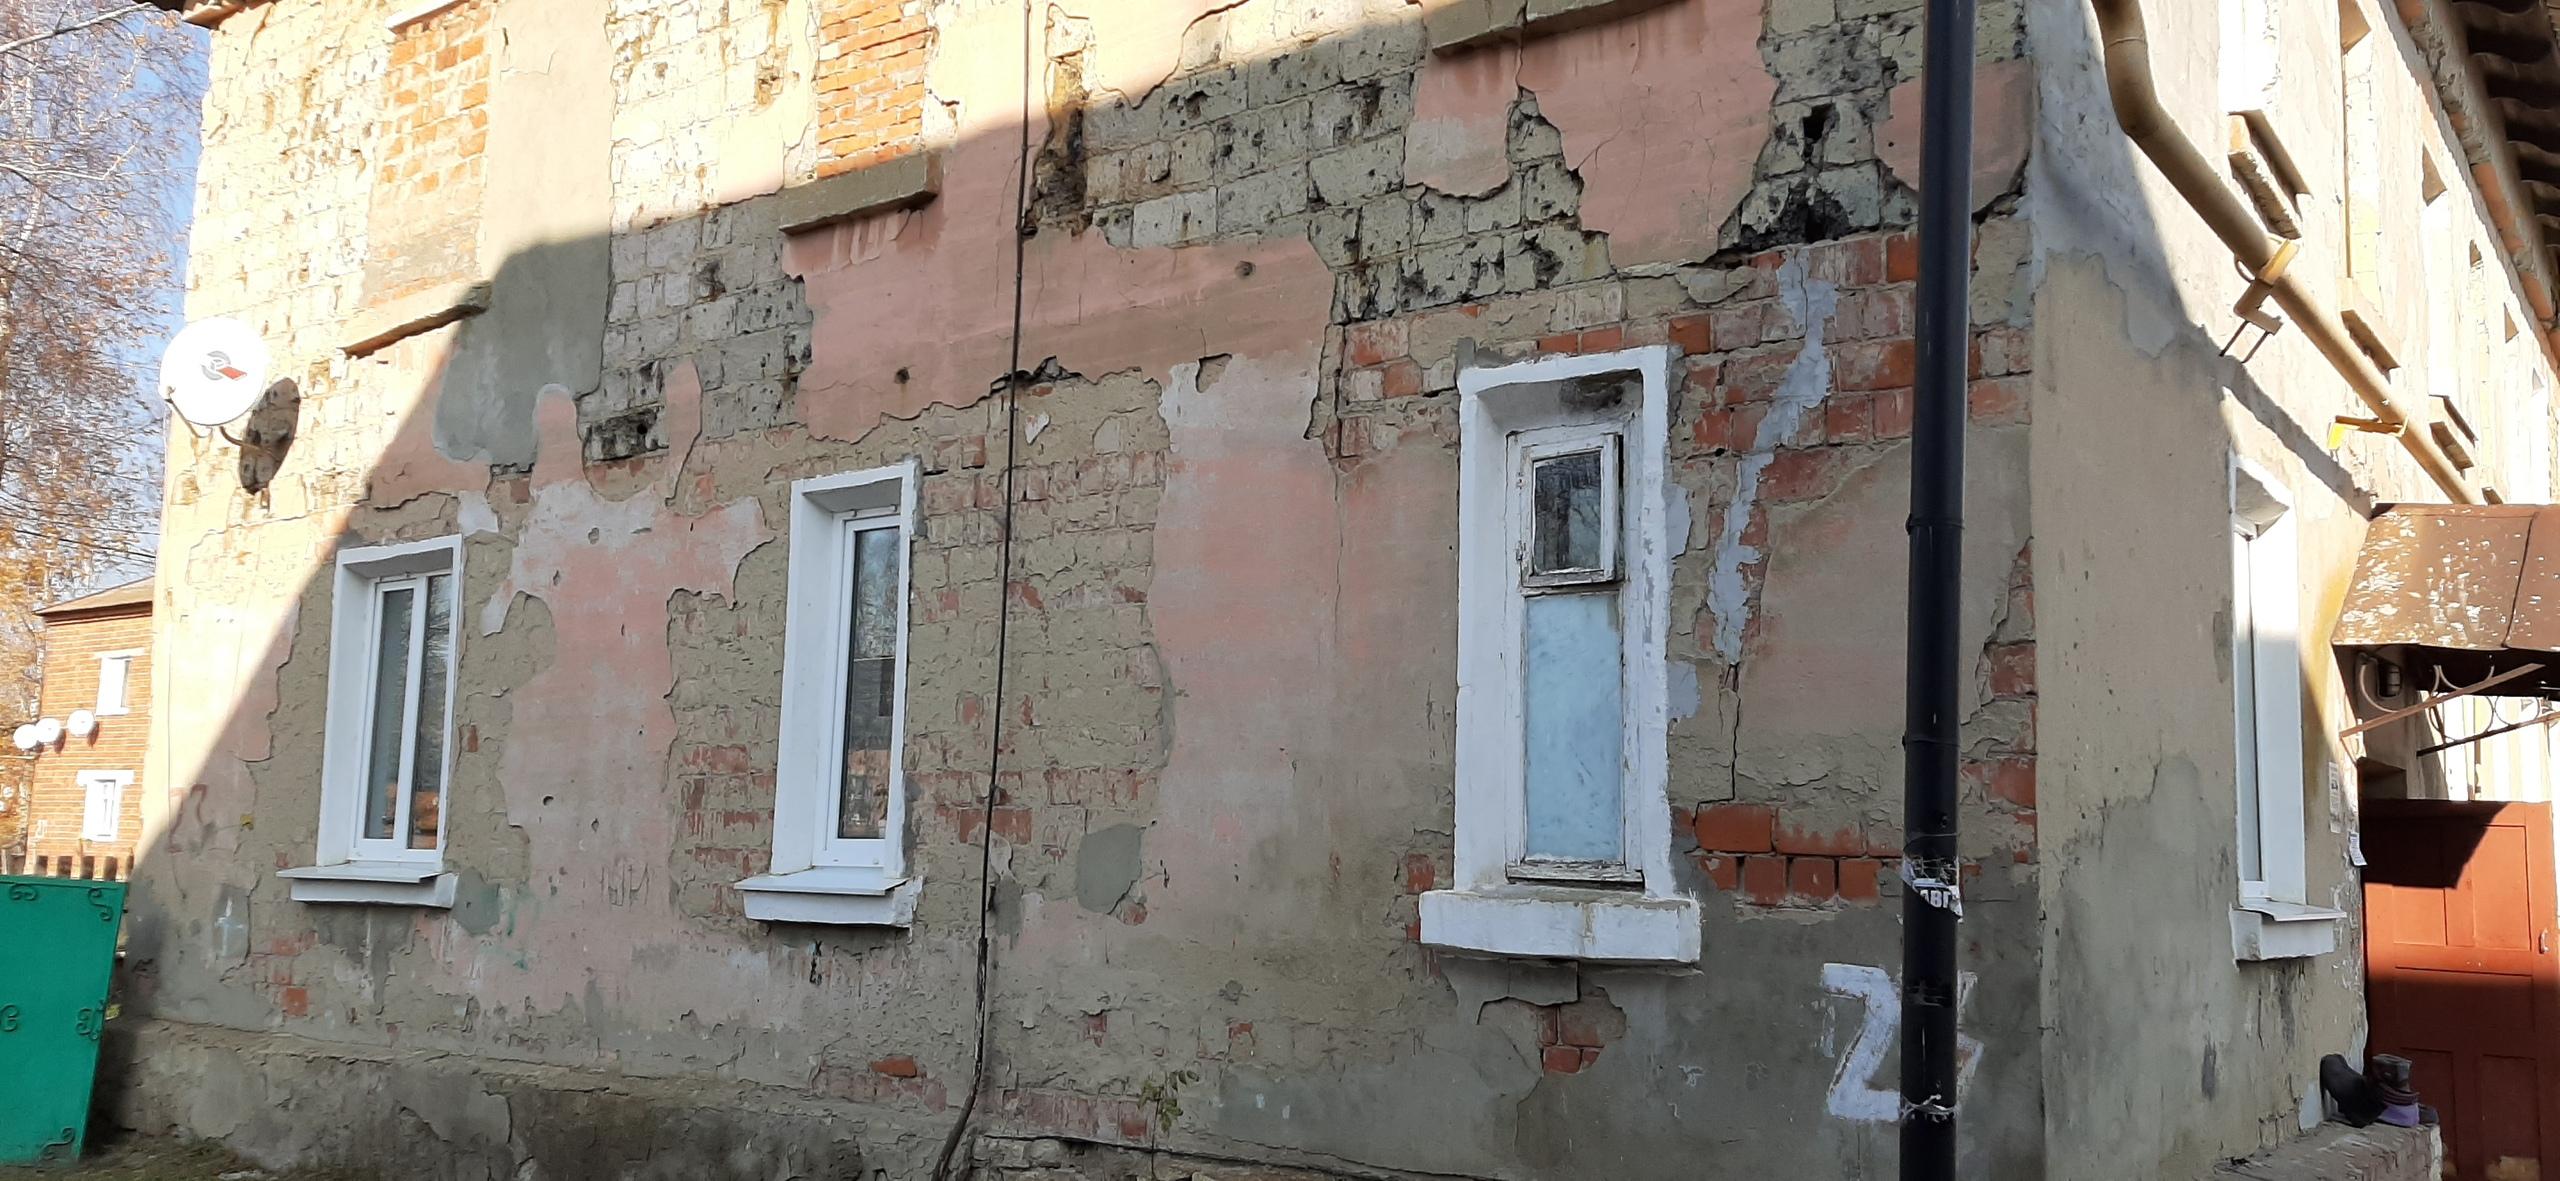 От подписчика #VosNews: ________________________ Здравствуйте! Помогите пожалуйста. Беспокоит Барановское.